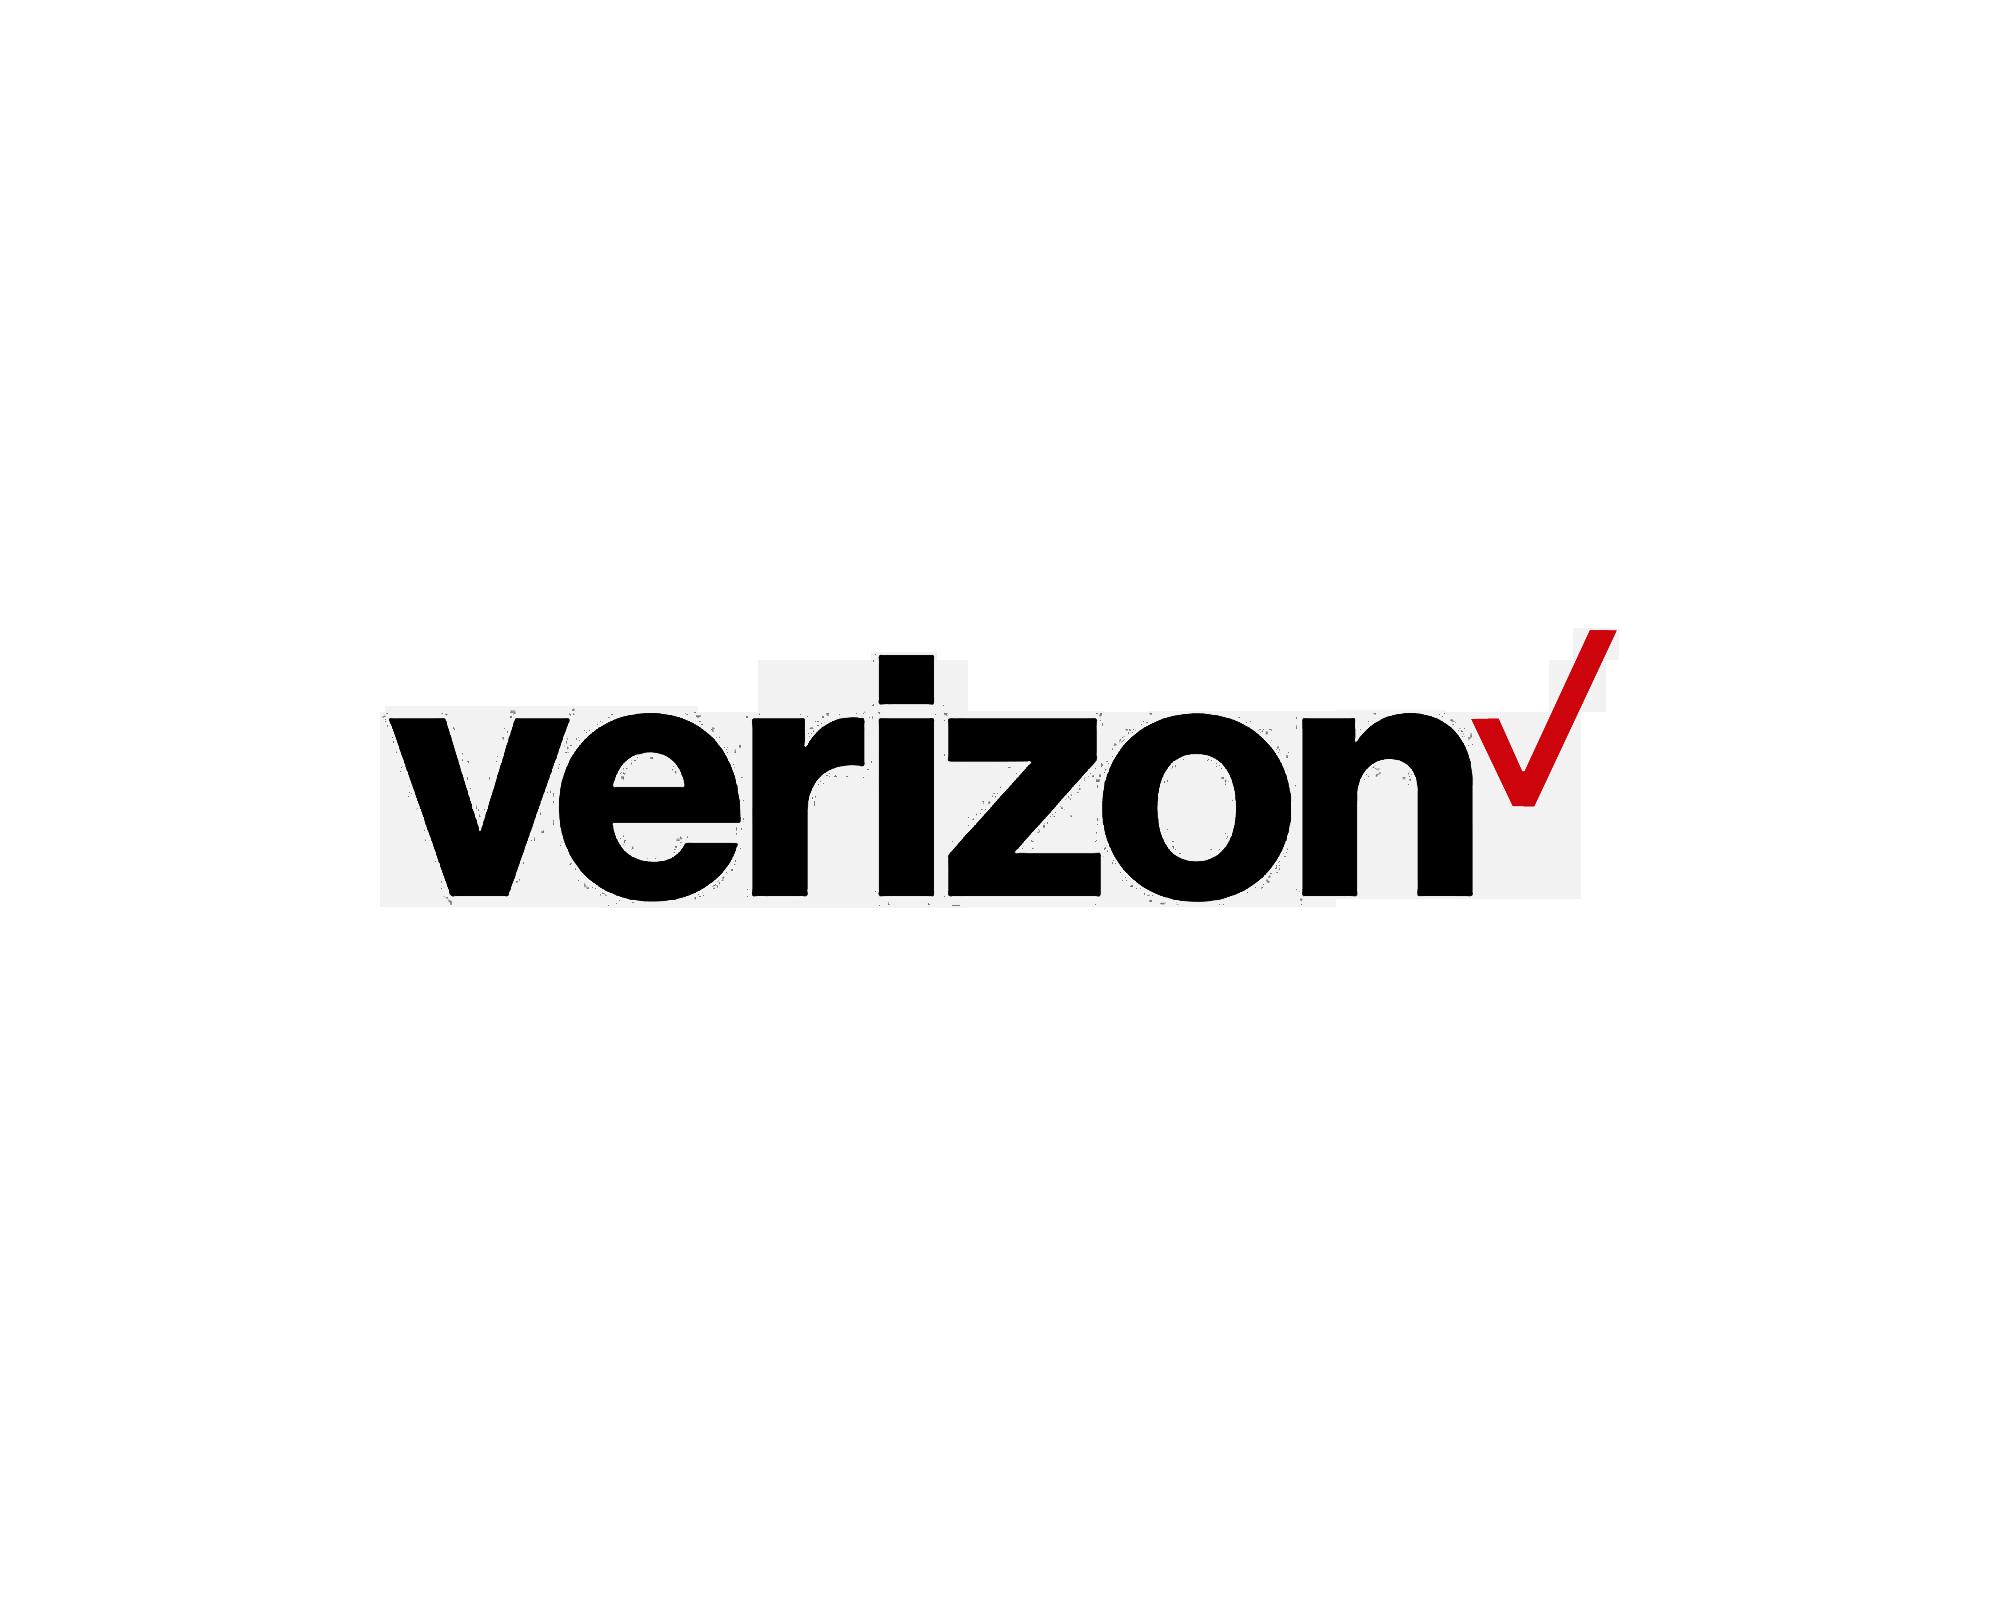 Verizon-logo-2015